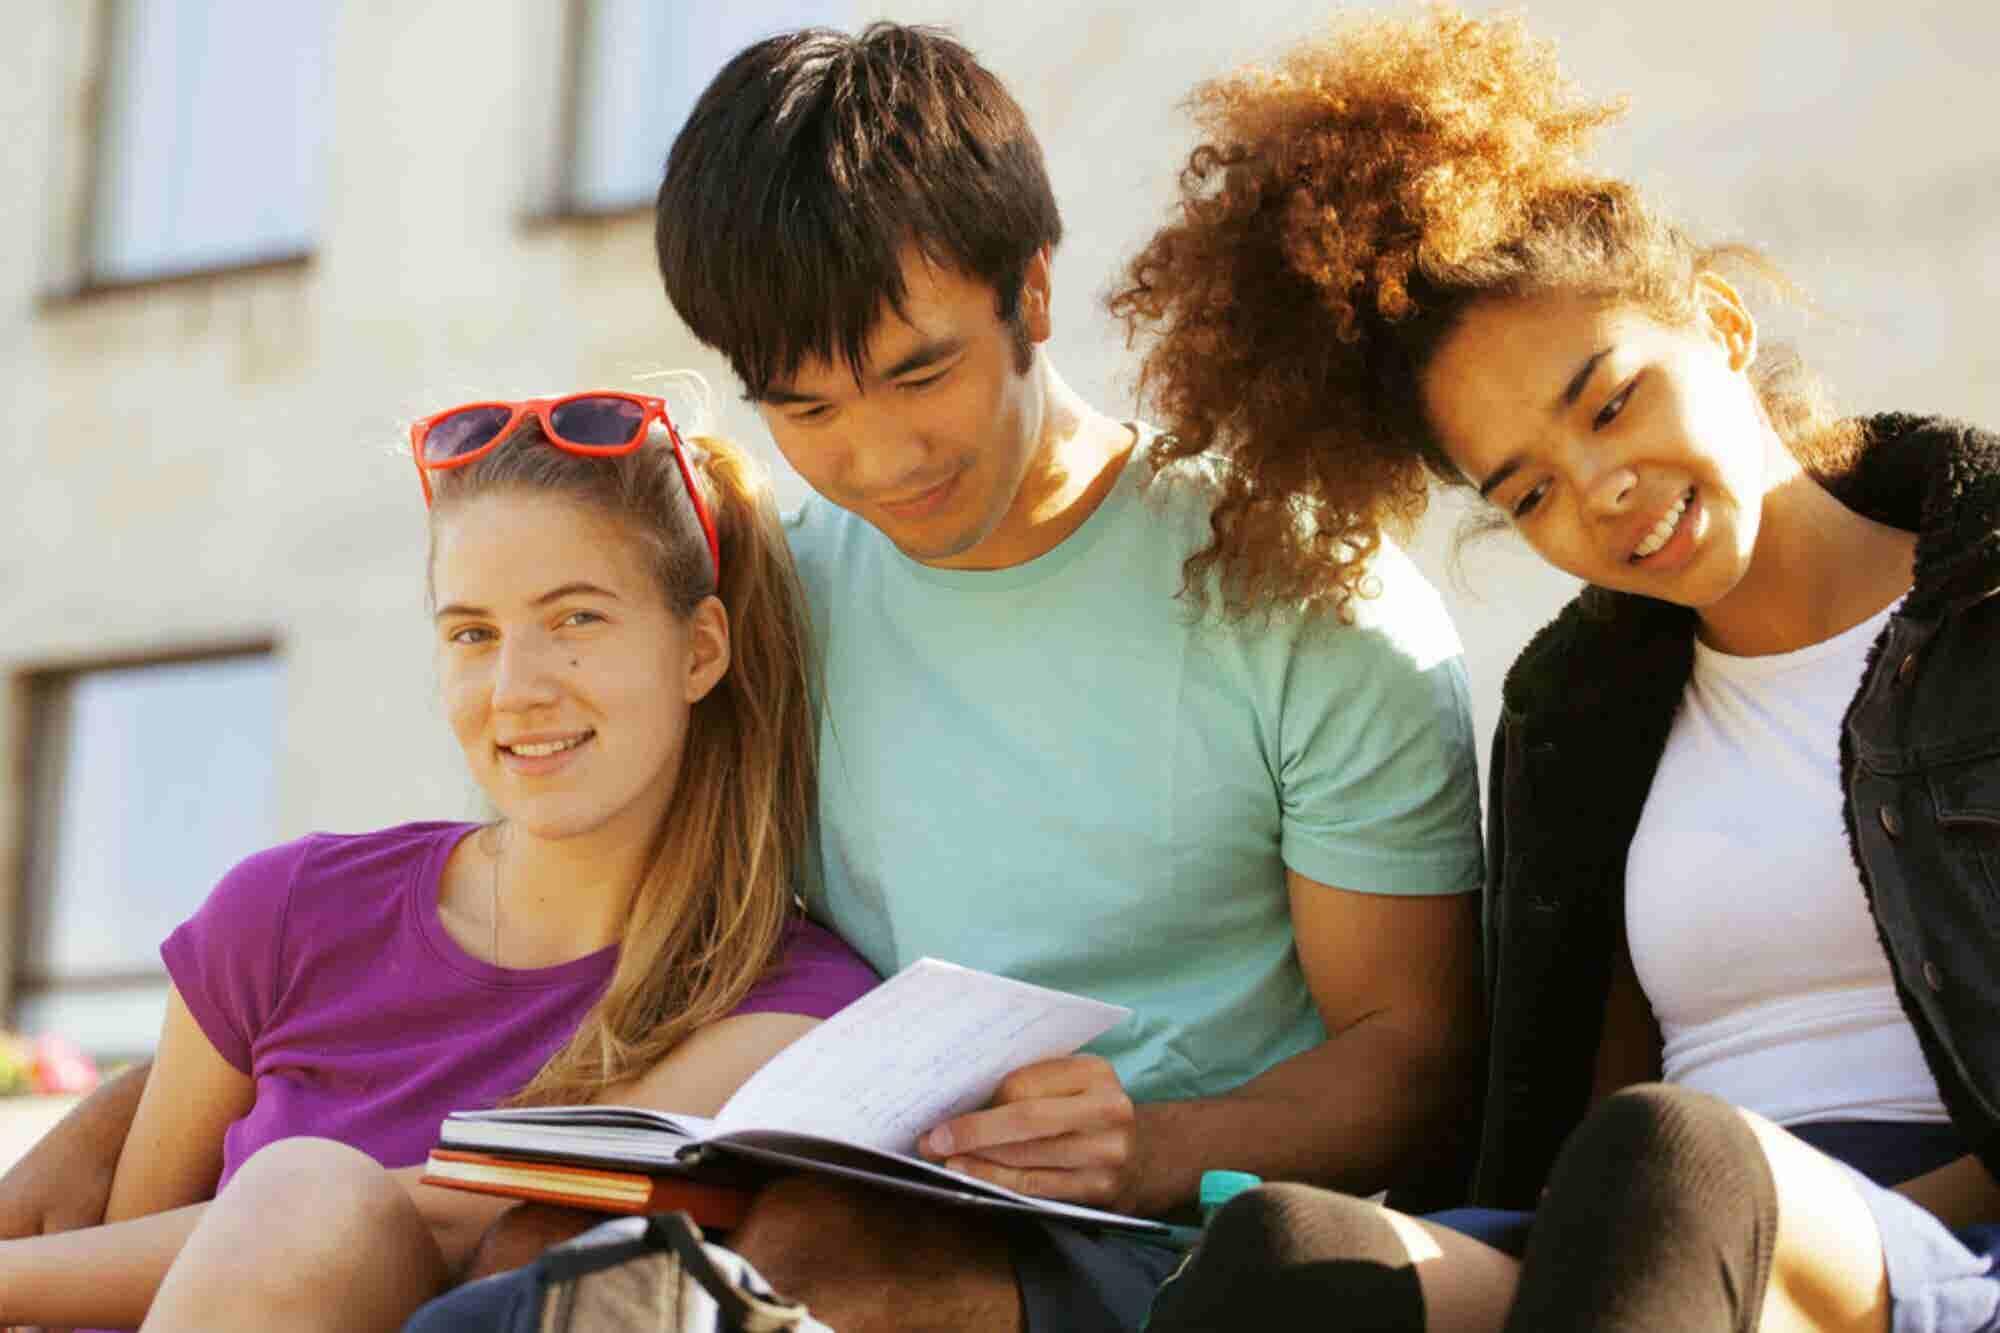 ¿Quieres aprender un idioma en el extranjero? Aquí van algunas recomendaciones